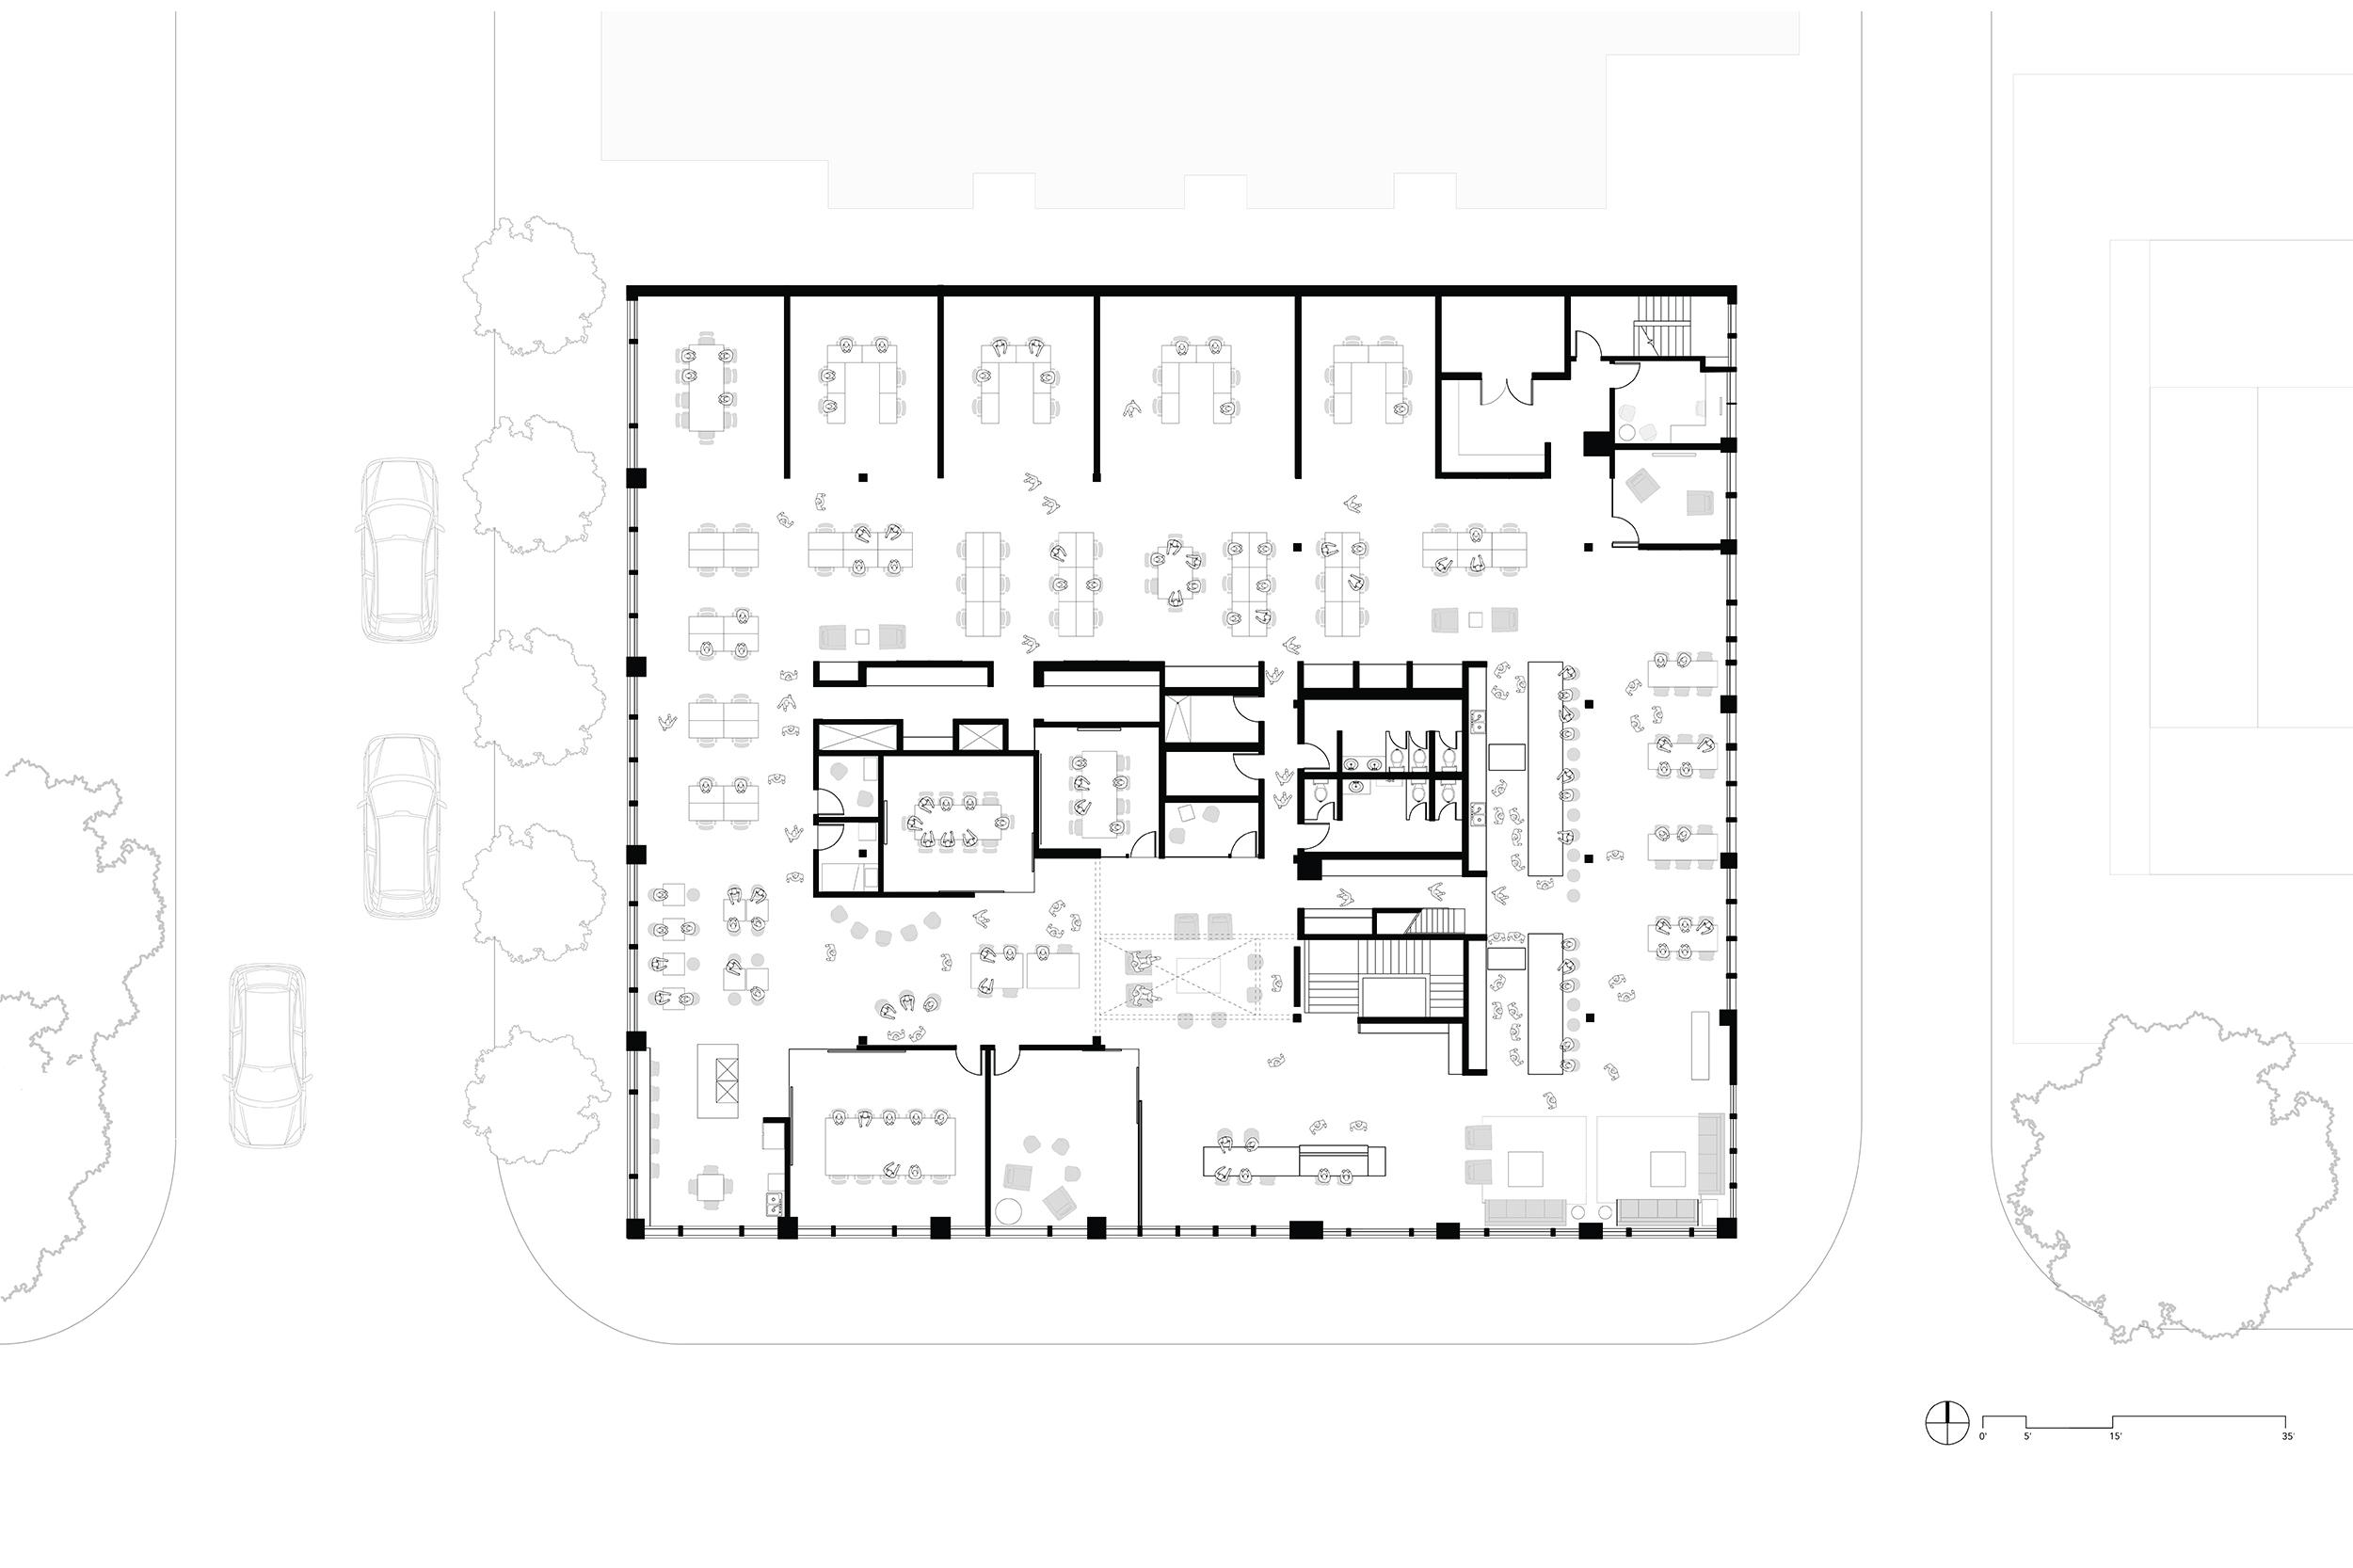 goCstudio_Substantial_Plan-01.jpg